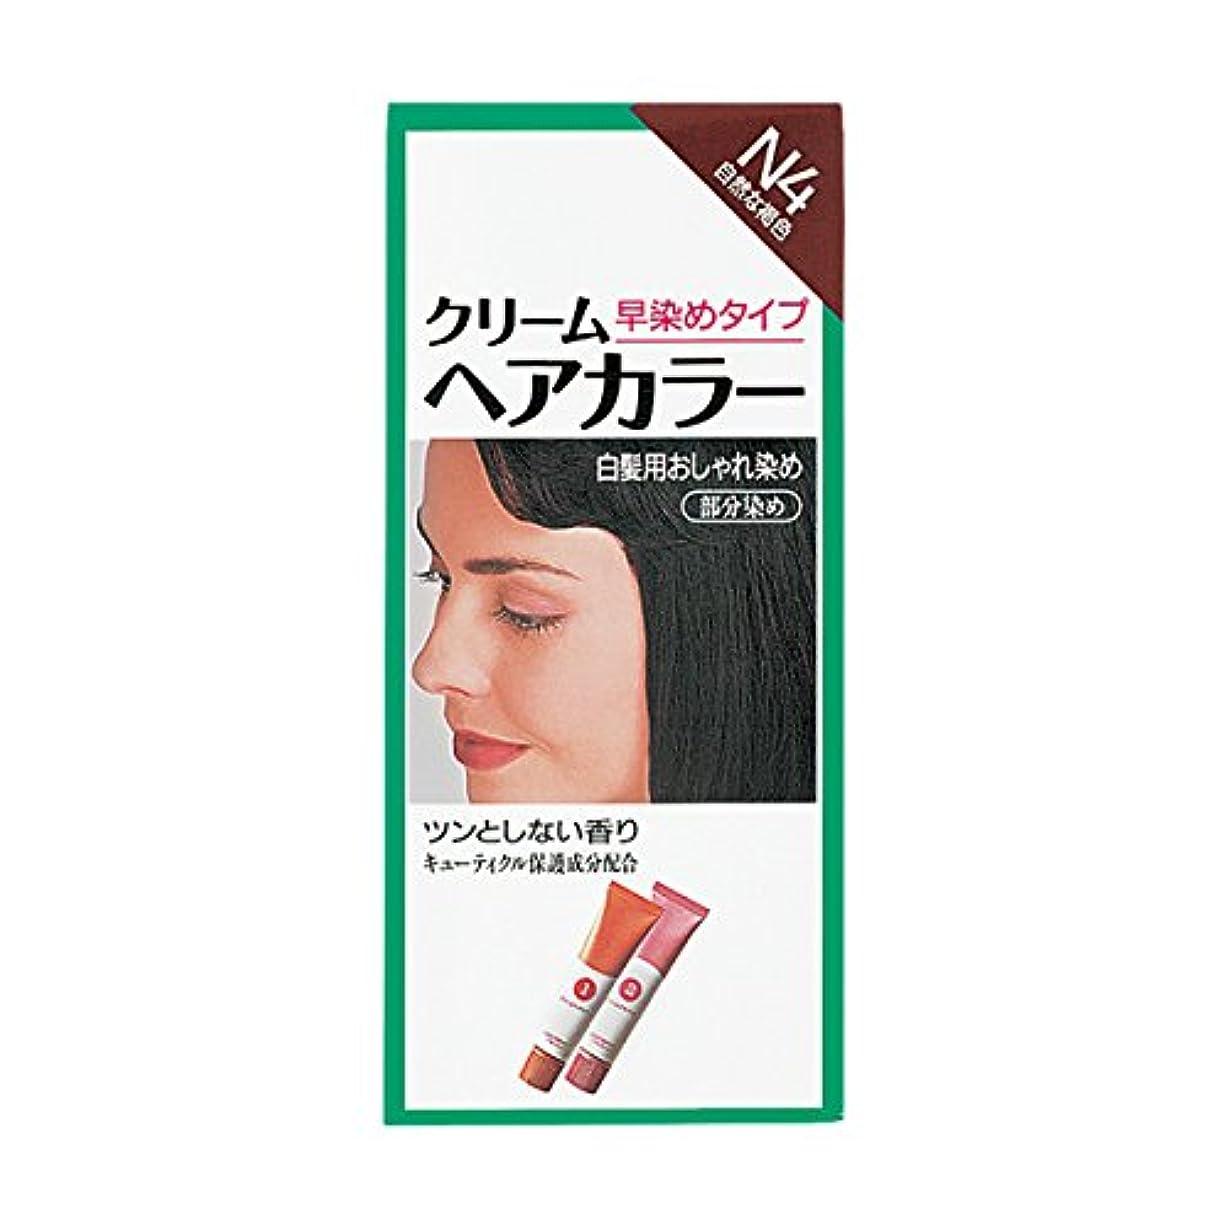 自己比較的専門ヘアカラー クリームヘアカラーN N4 【医薬部外品】